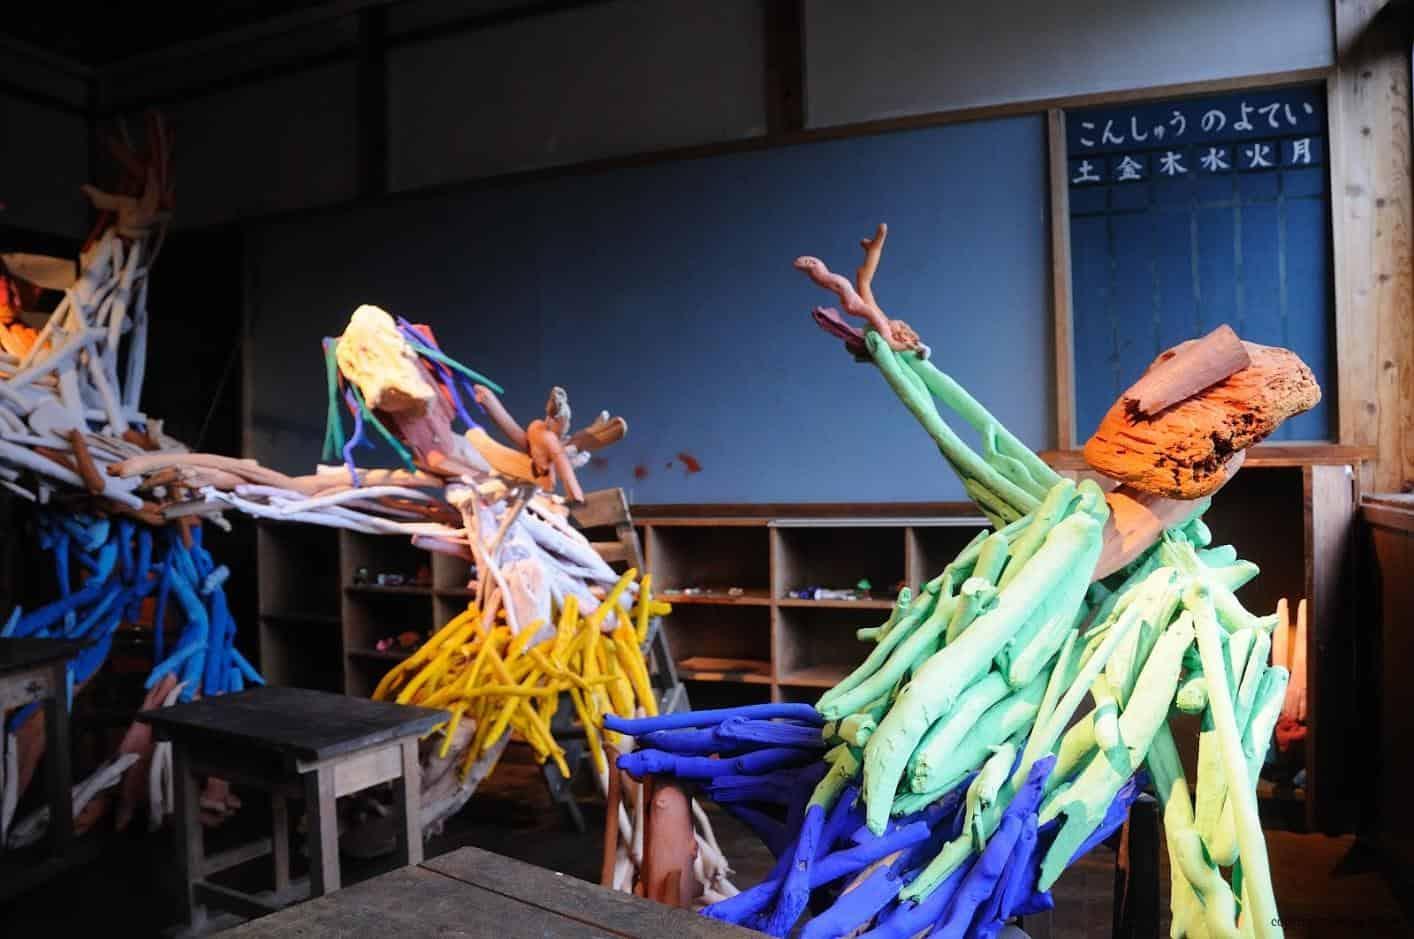 田島征三,繪本和樹木果實美術館,以「學校不是空的喔!」為主題,以漂流木呈現出學生歡樂的肢體動作 繪本和樹木果實美術館 繪本和樹木果實美術館 hachi seizo tashima museum of picture book art 06